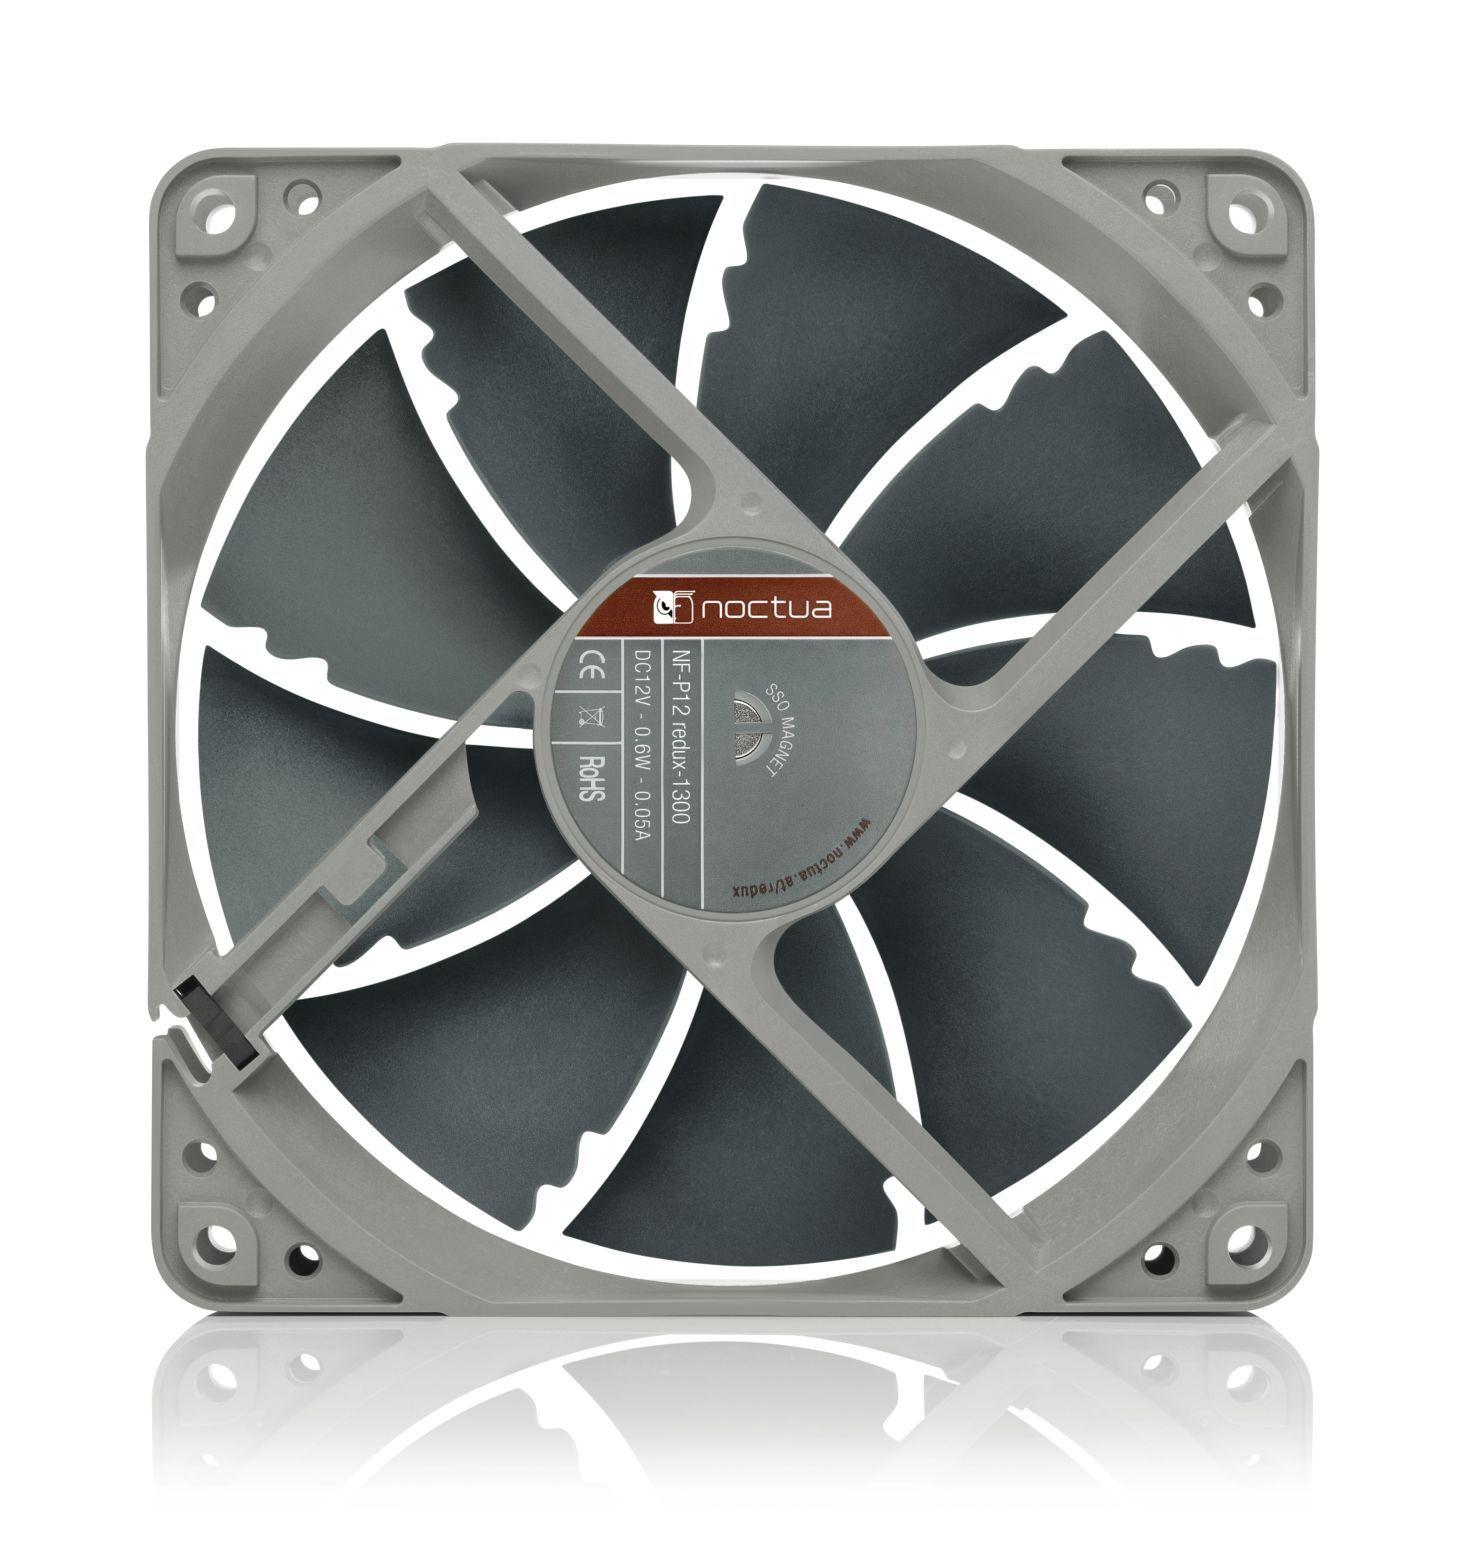 Noctua NF-P12 REDUX-1300 Processor Fan 12 cm Black 1 pc(s)